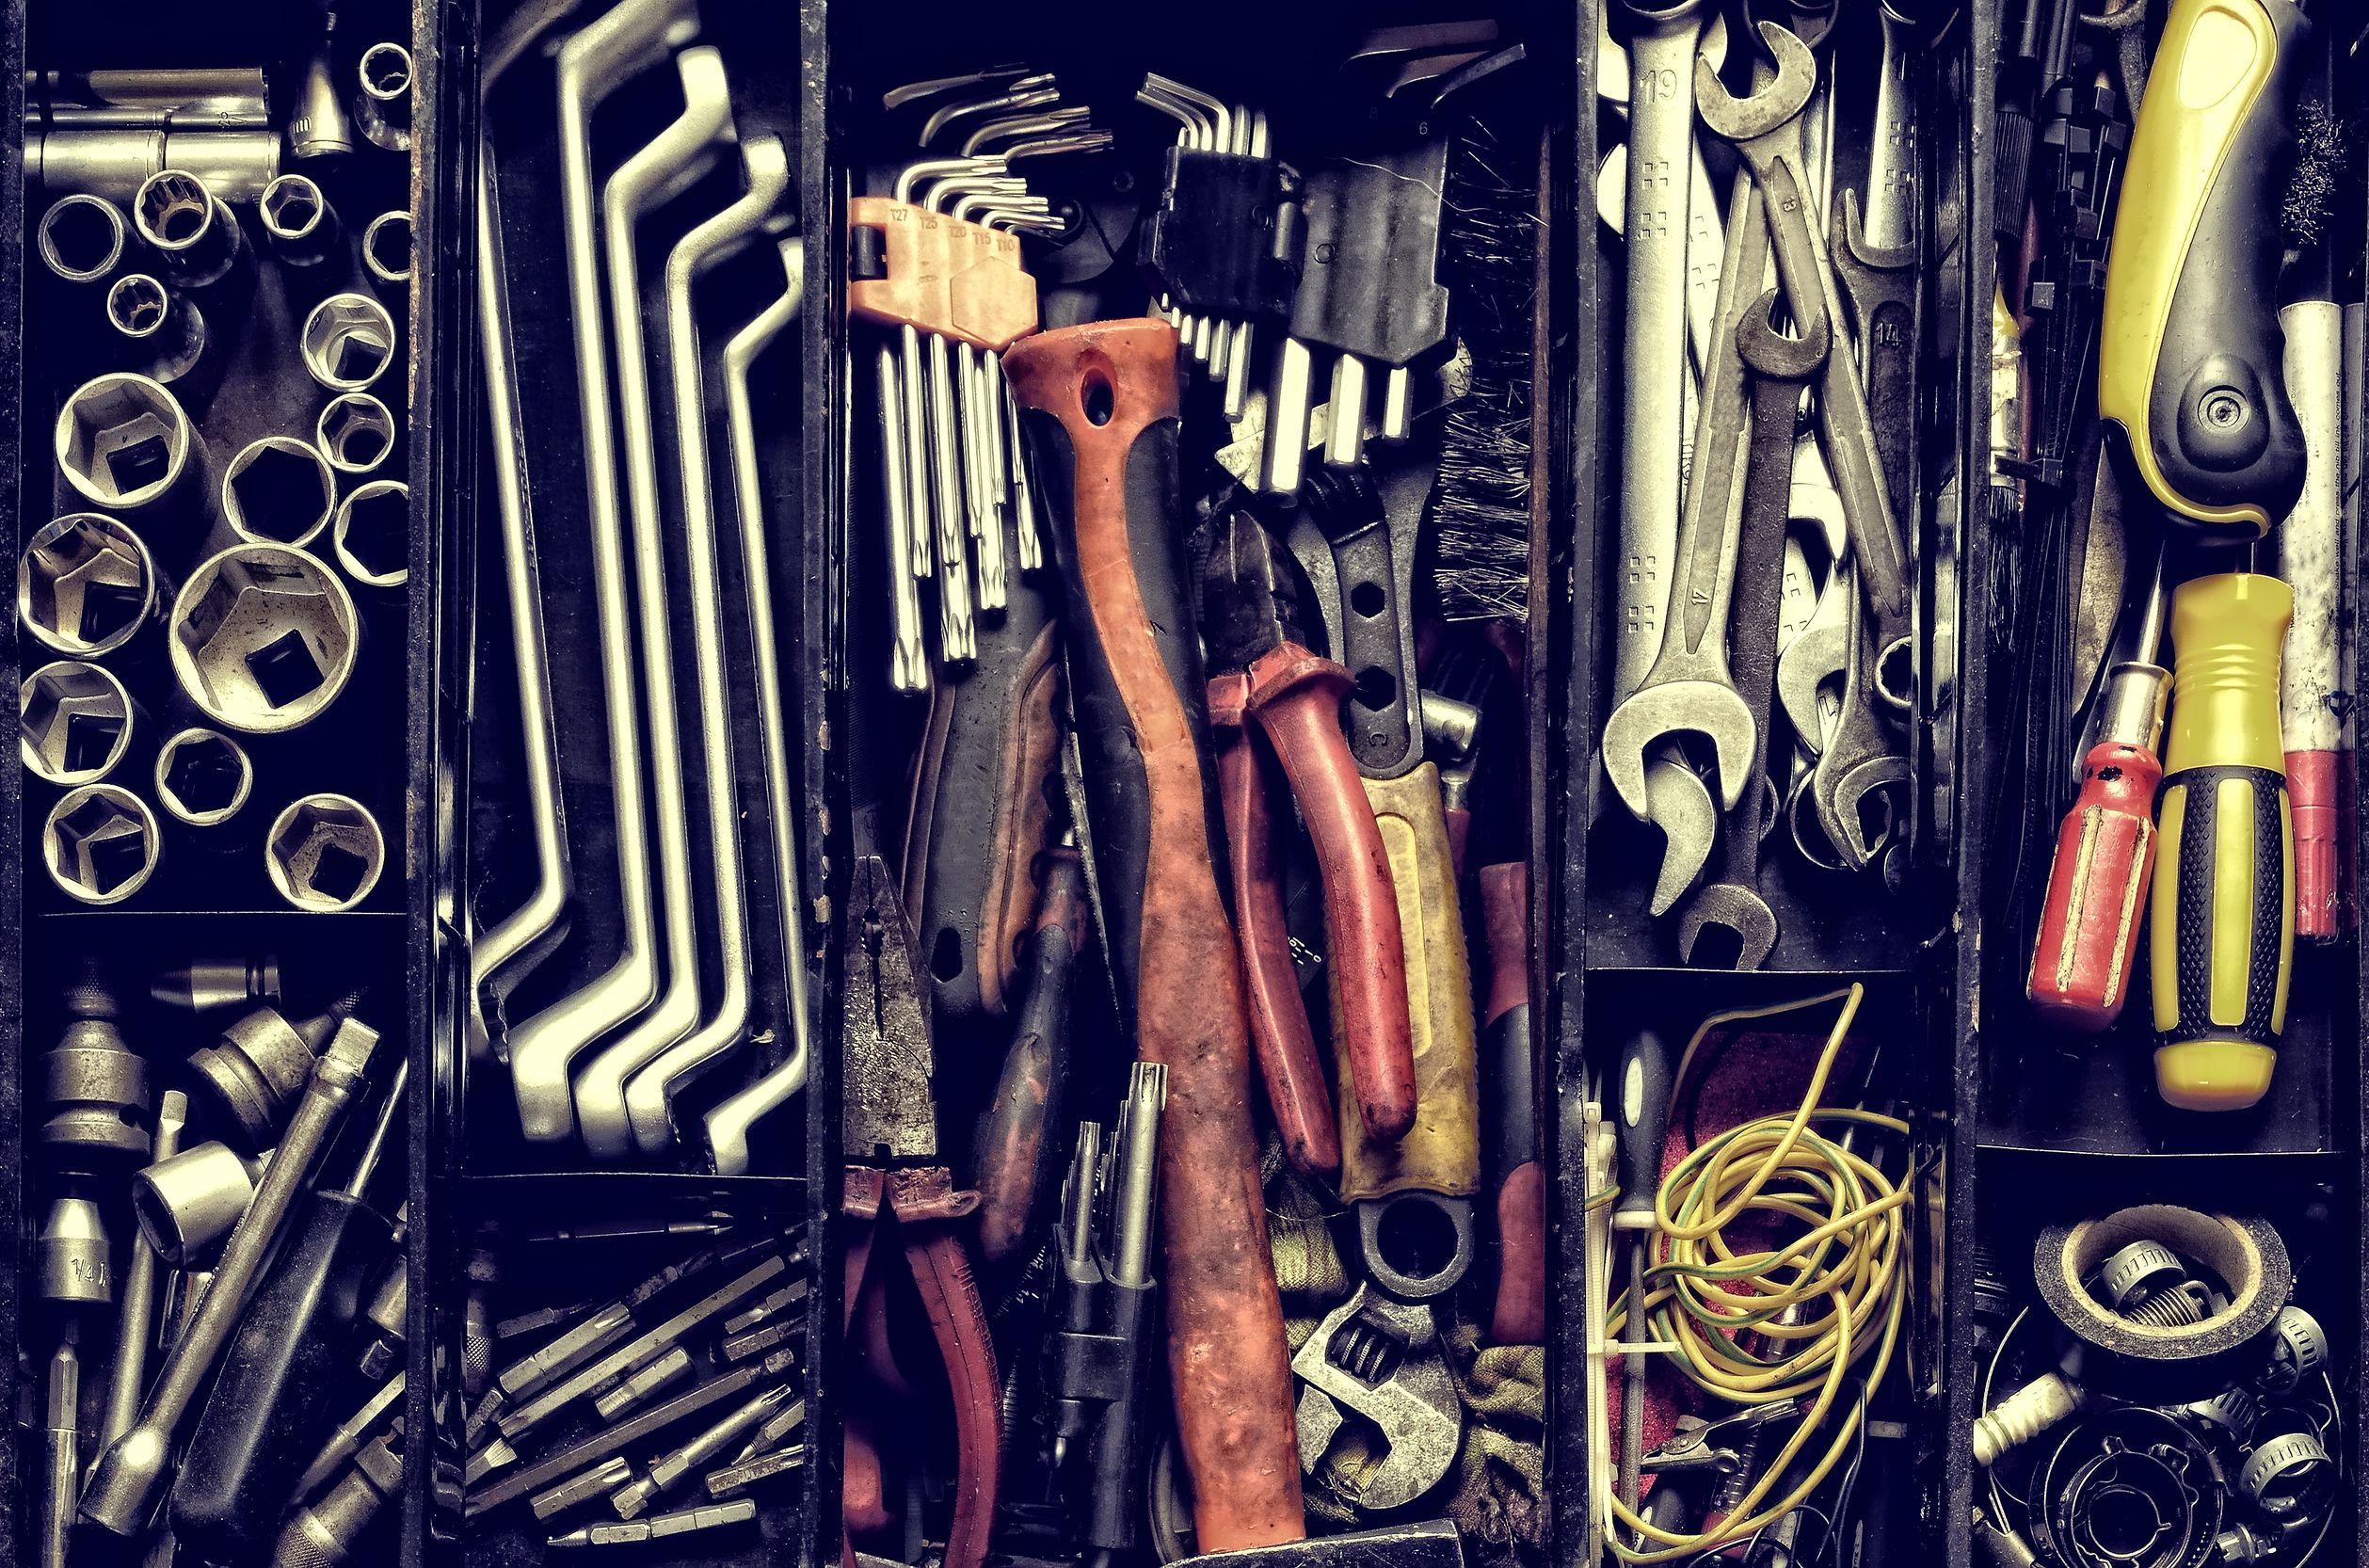 Connex Werkzeug: Test & Empfehlungen (04/21)